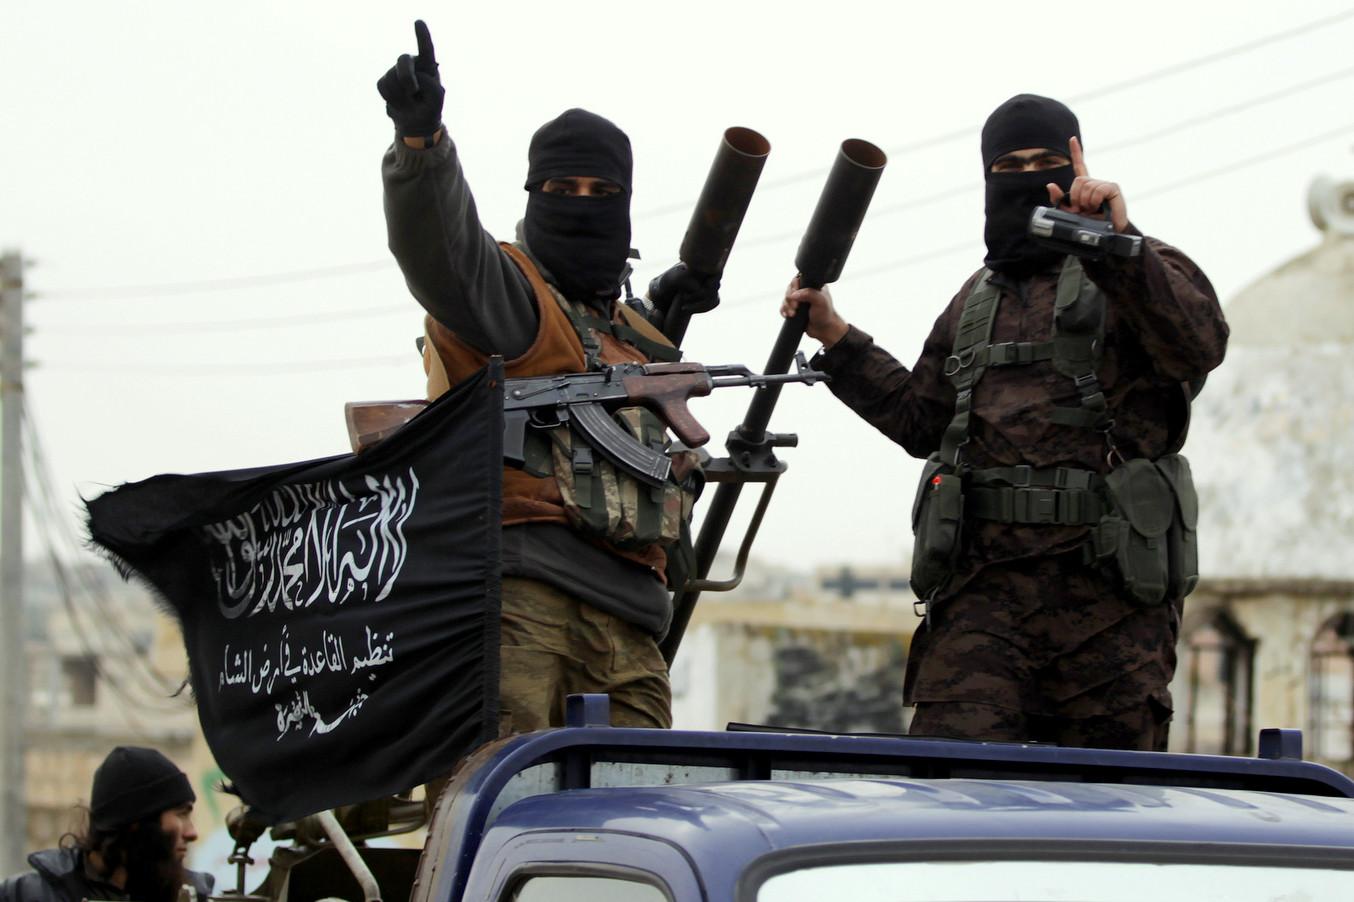 Припадници Фронта Ал нусра гестикулирају током обиласка села на јужној страни сиријске провинције Идлиб, децембар 2014. (Фото: Khalil Ashawi/Reuters)